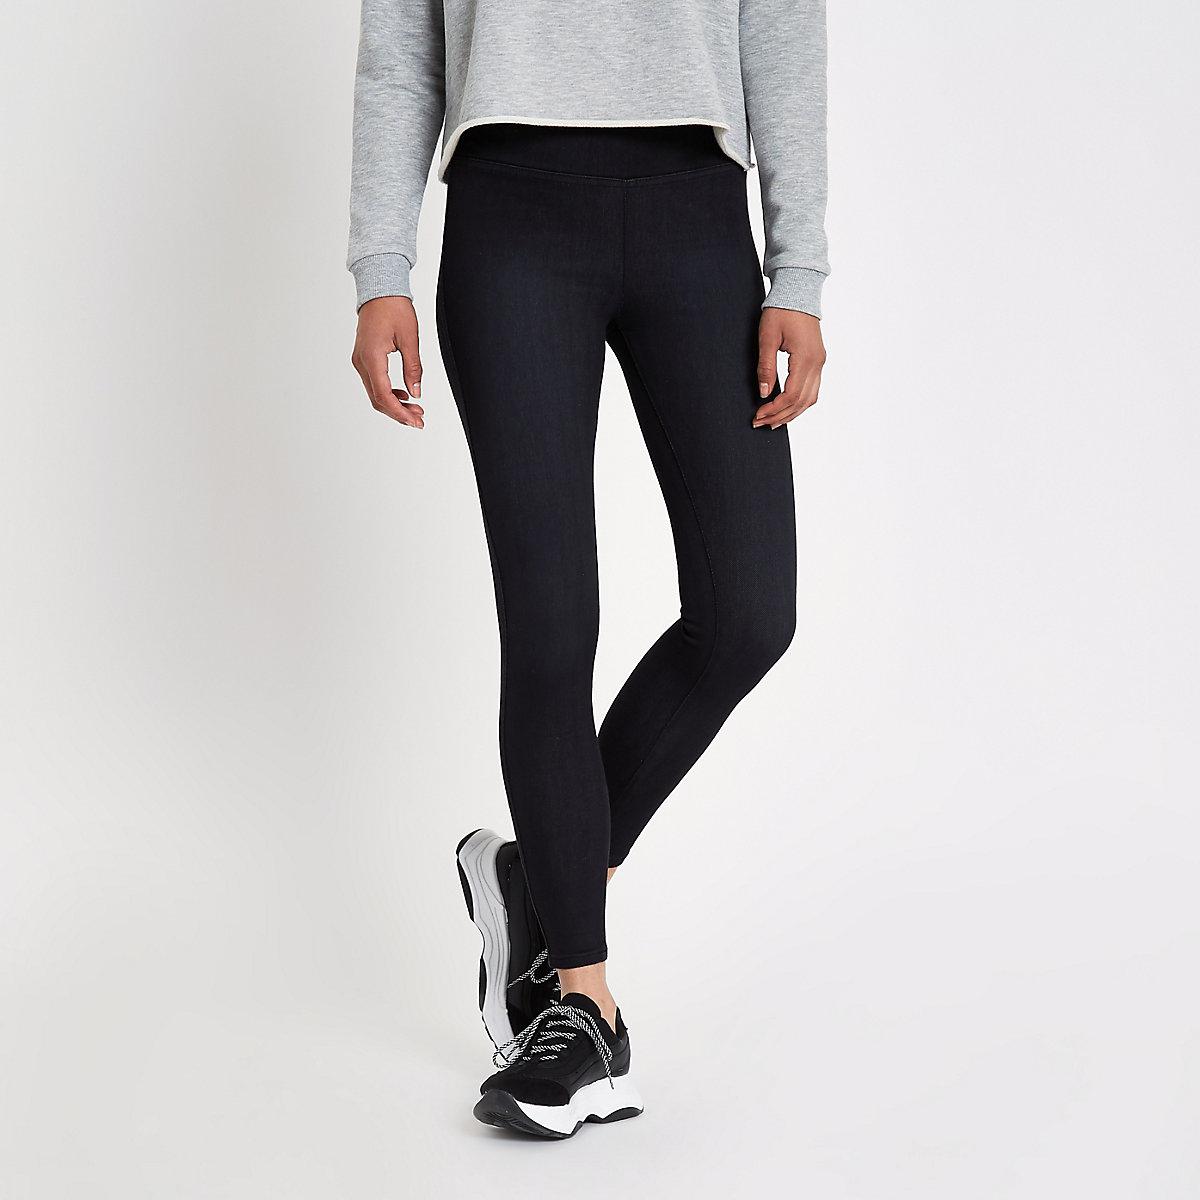 Legging en jean noir taille haute